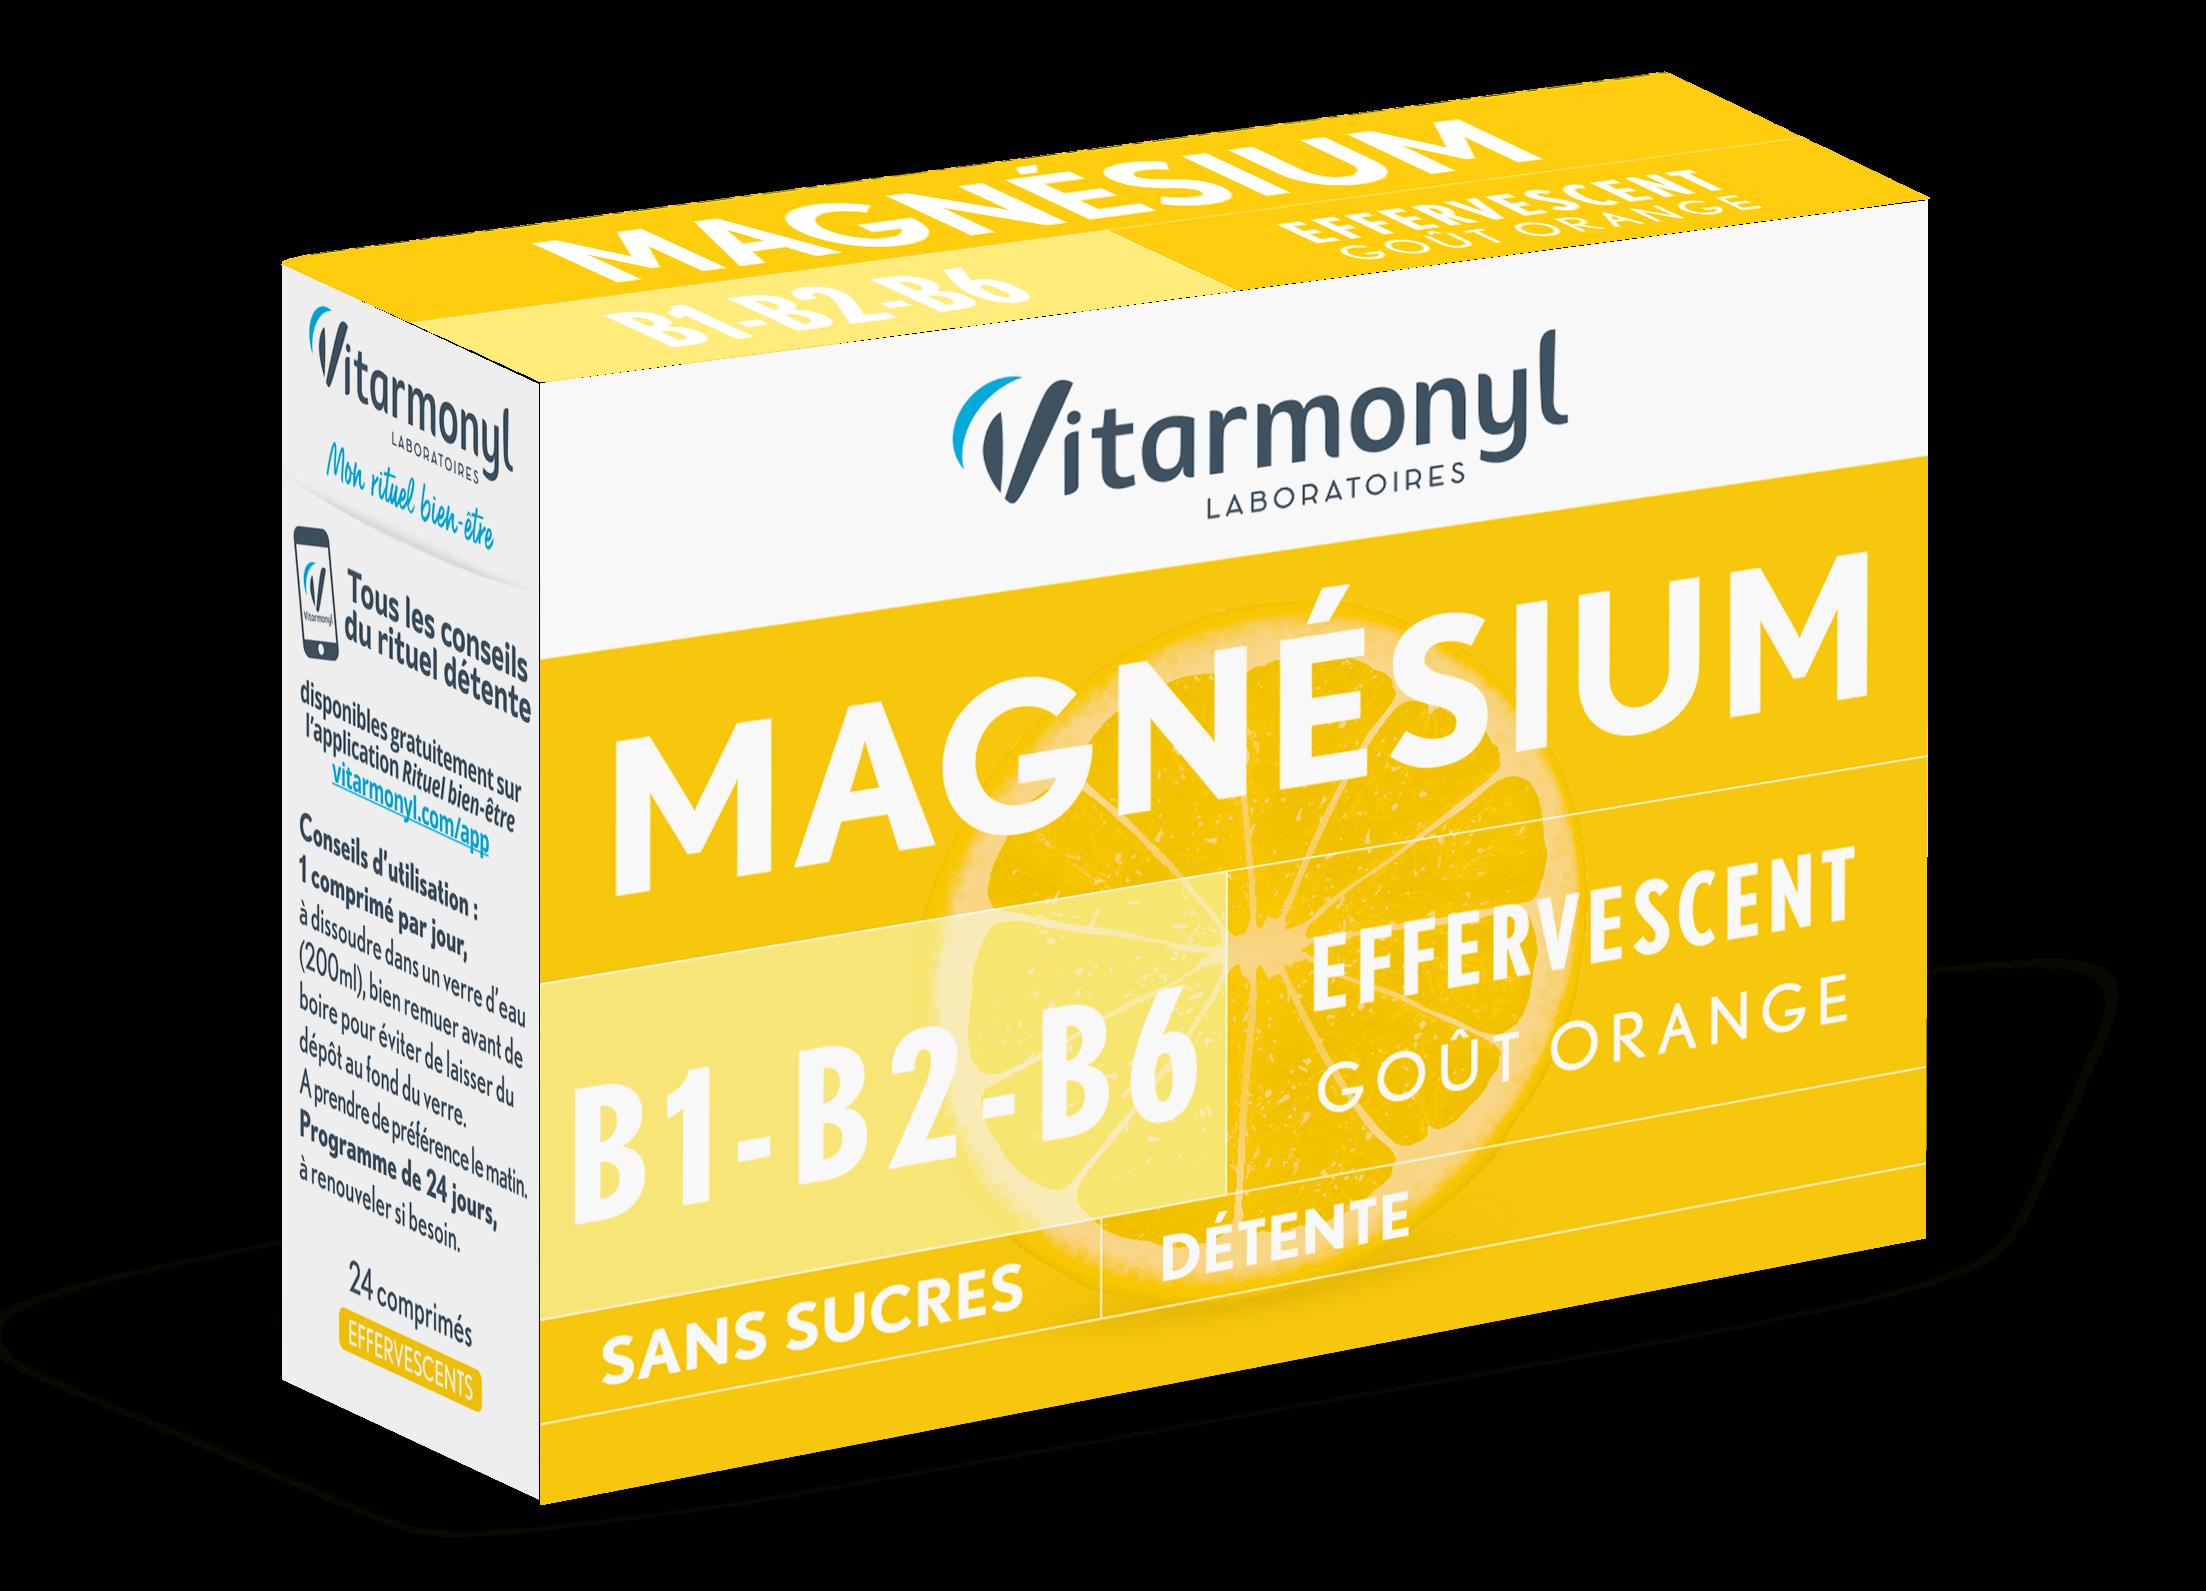 Magnésium + B1, B2, B6